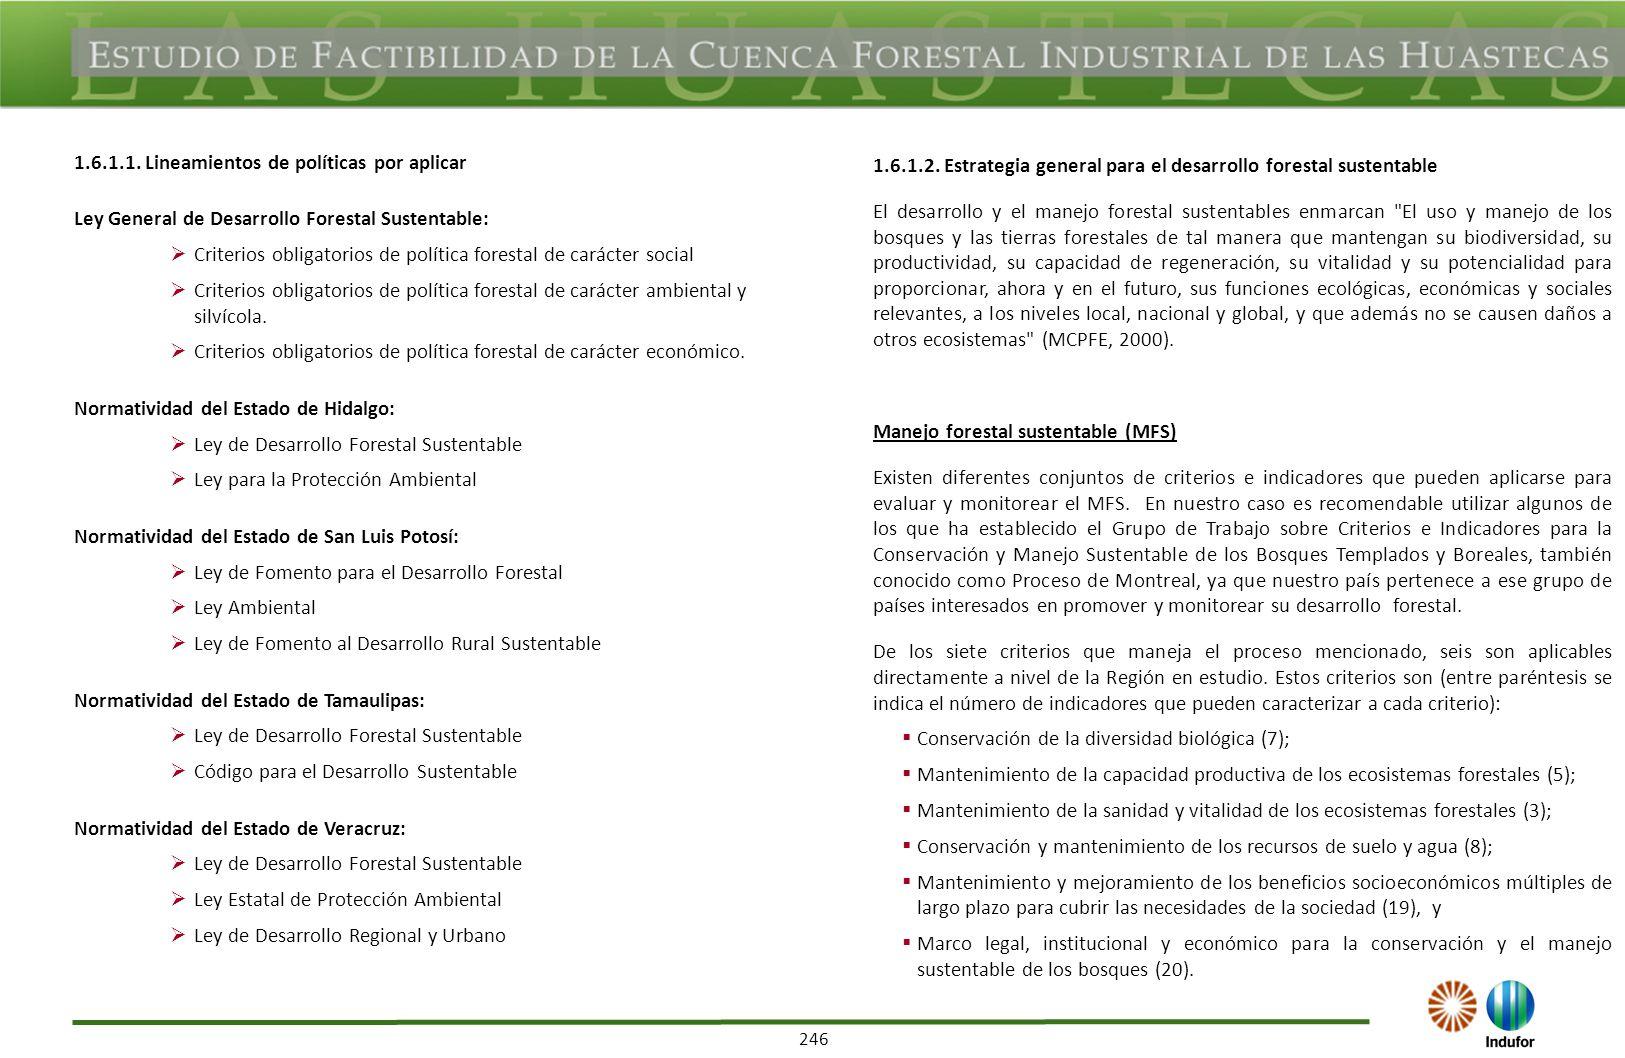 246 1.6.1.1. Lineamientos de políticas por aplicar Ley General de Desarrollo Forestal Sustentable: Criterios obligatorios de política forestal de cará